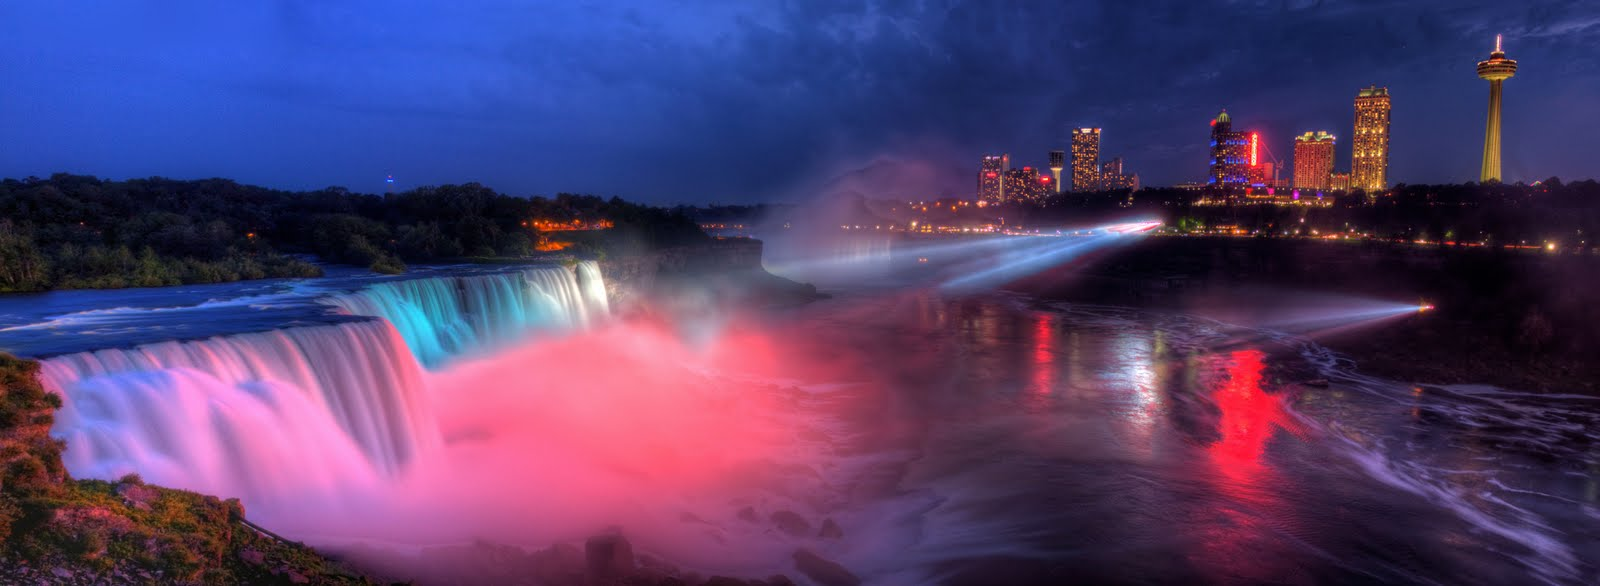 Когда и что смотреть на Ниагарских водопадах в Америке